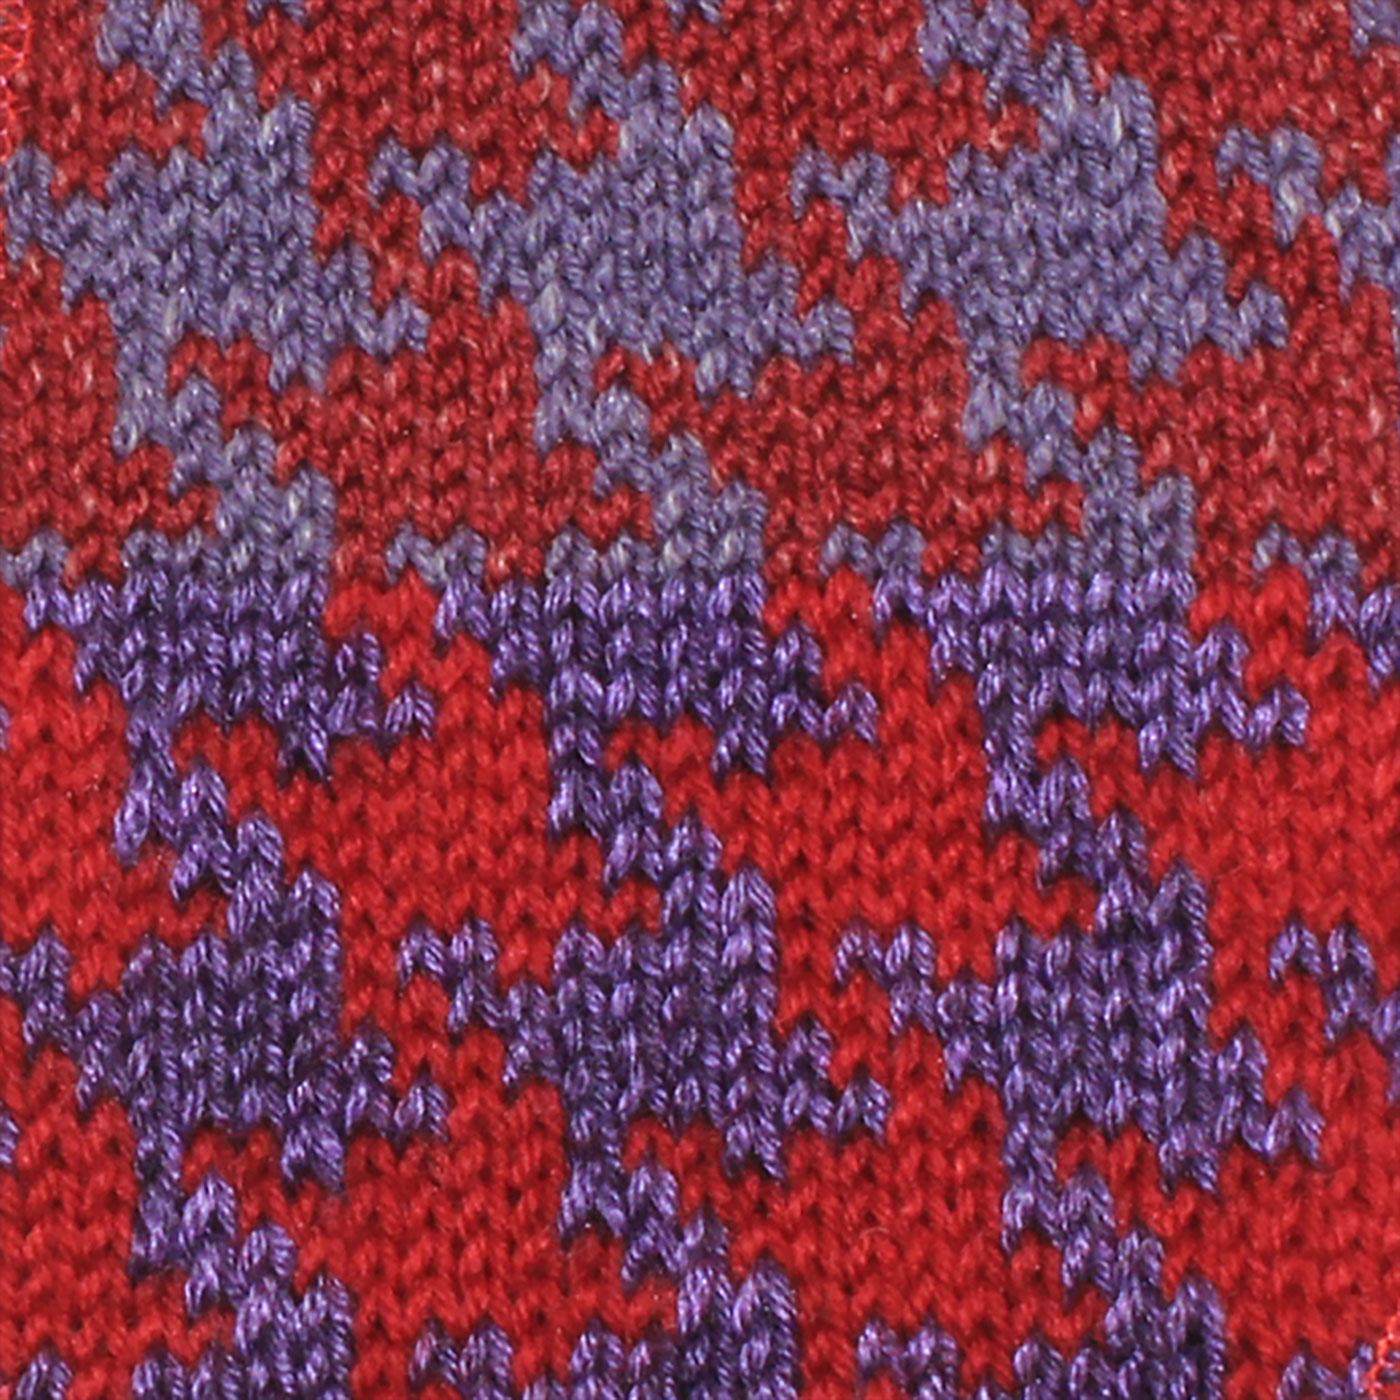 toppa pied de poule rosso viola texture